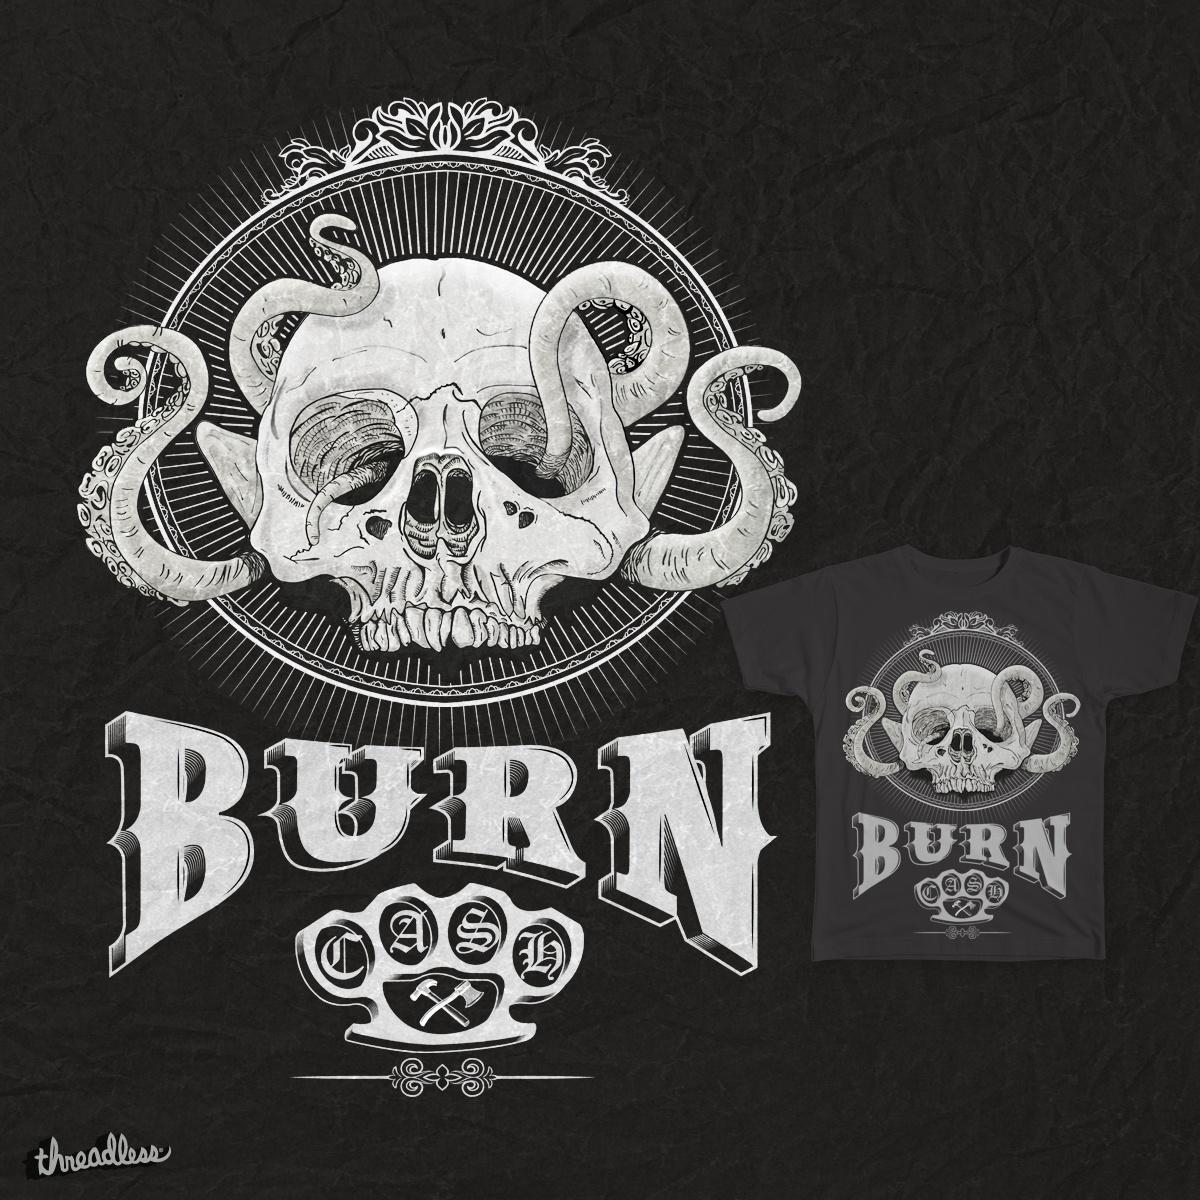 Burn&Cash by ergunuzun on Threadless